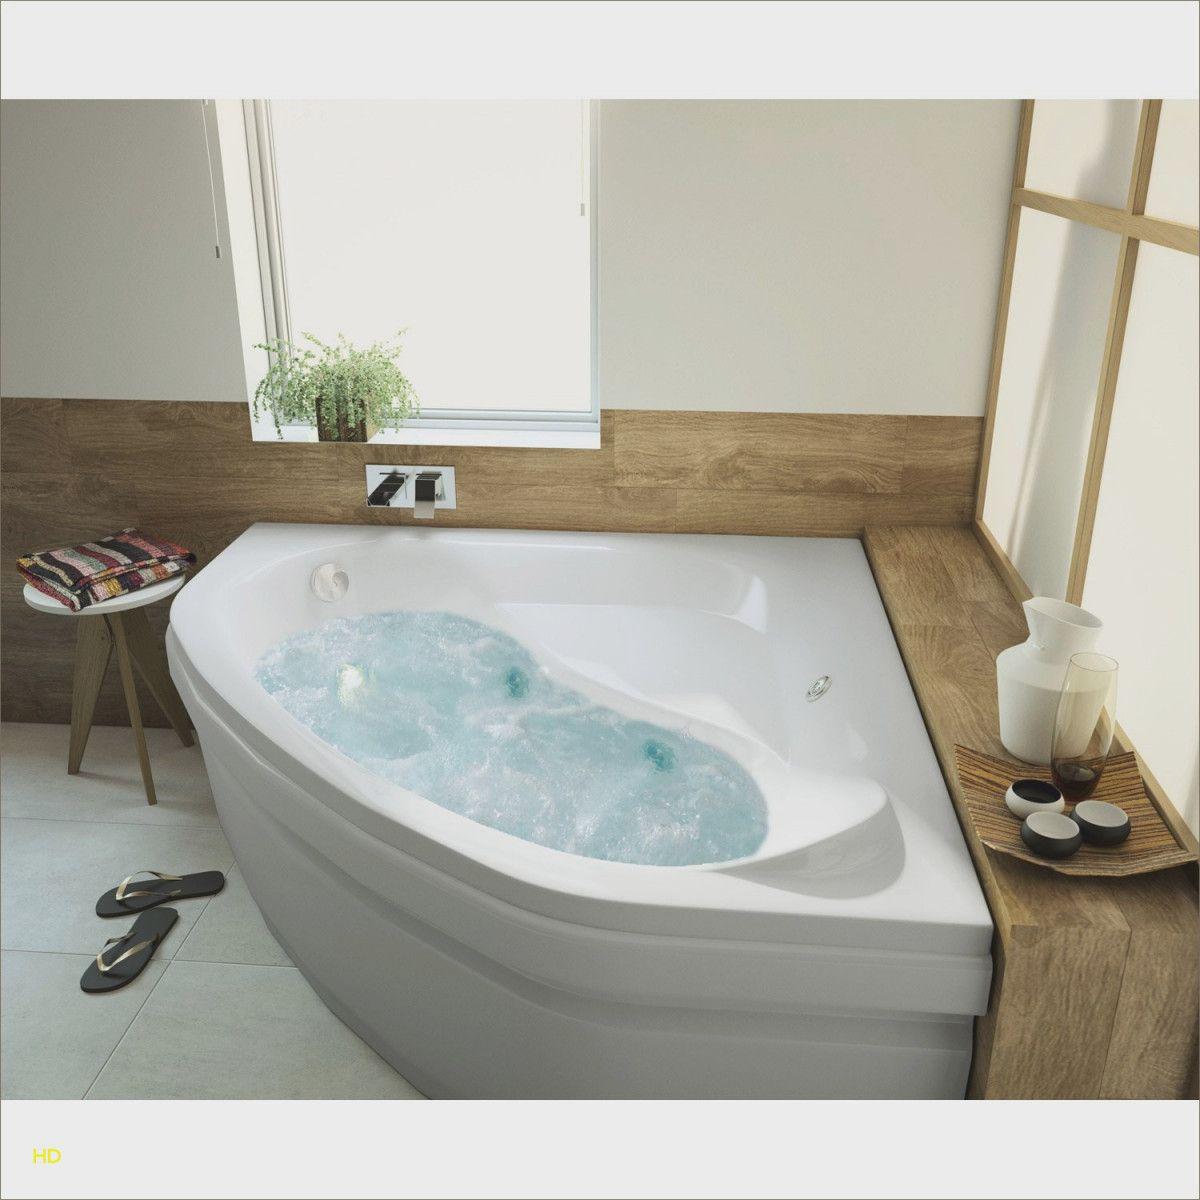 Comment Faire Une Trappe De Visite Baignoire Vous Ne Voudrez Plus Jamais Partir Bathtub Bathroom Free Standing Bath Tub